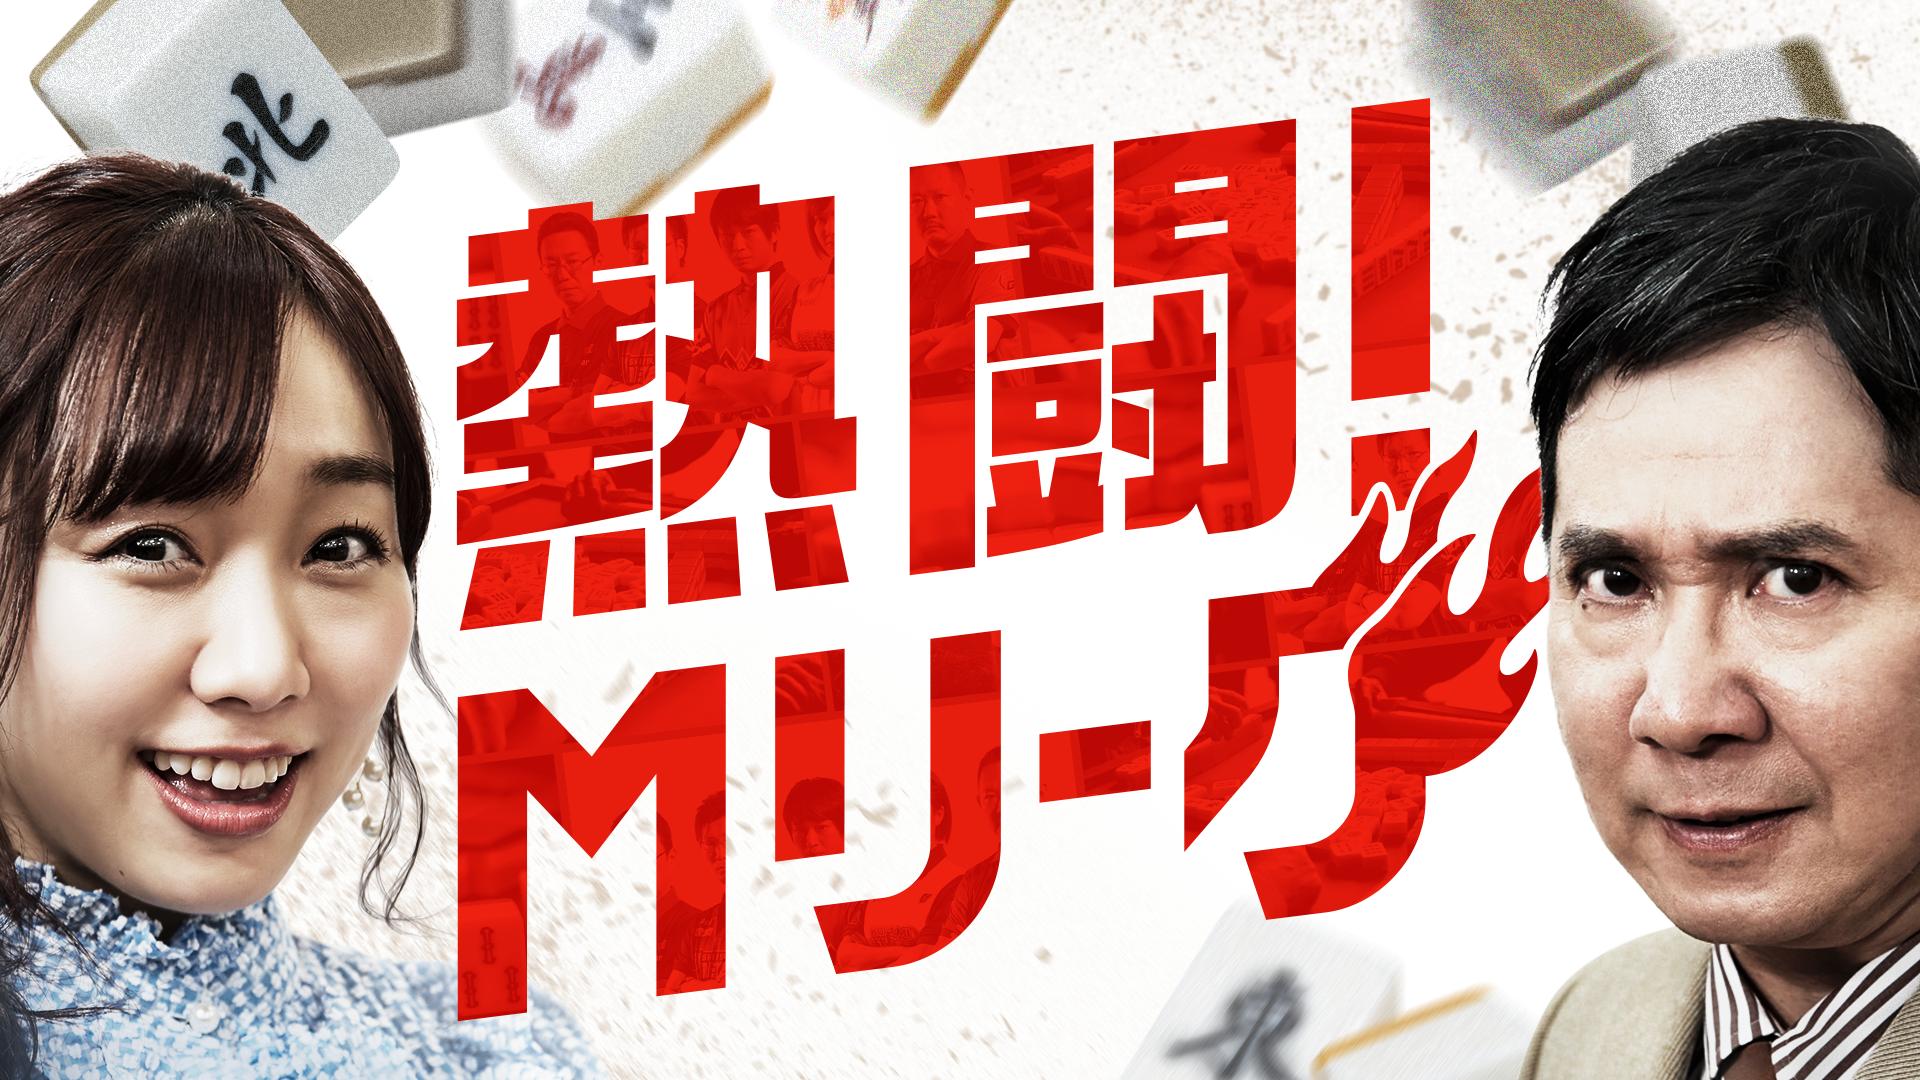 プロ麻雀リーグ「Mリーグ」の魅力を伝える番組「熱闘!Mリーグ」が 2019年10月6日(日)よる24時59分より「AbemaTV」と「テレビ朝日」にて同時放送決定!